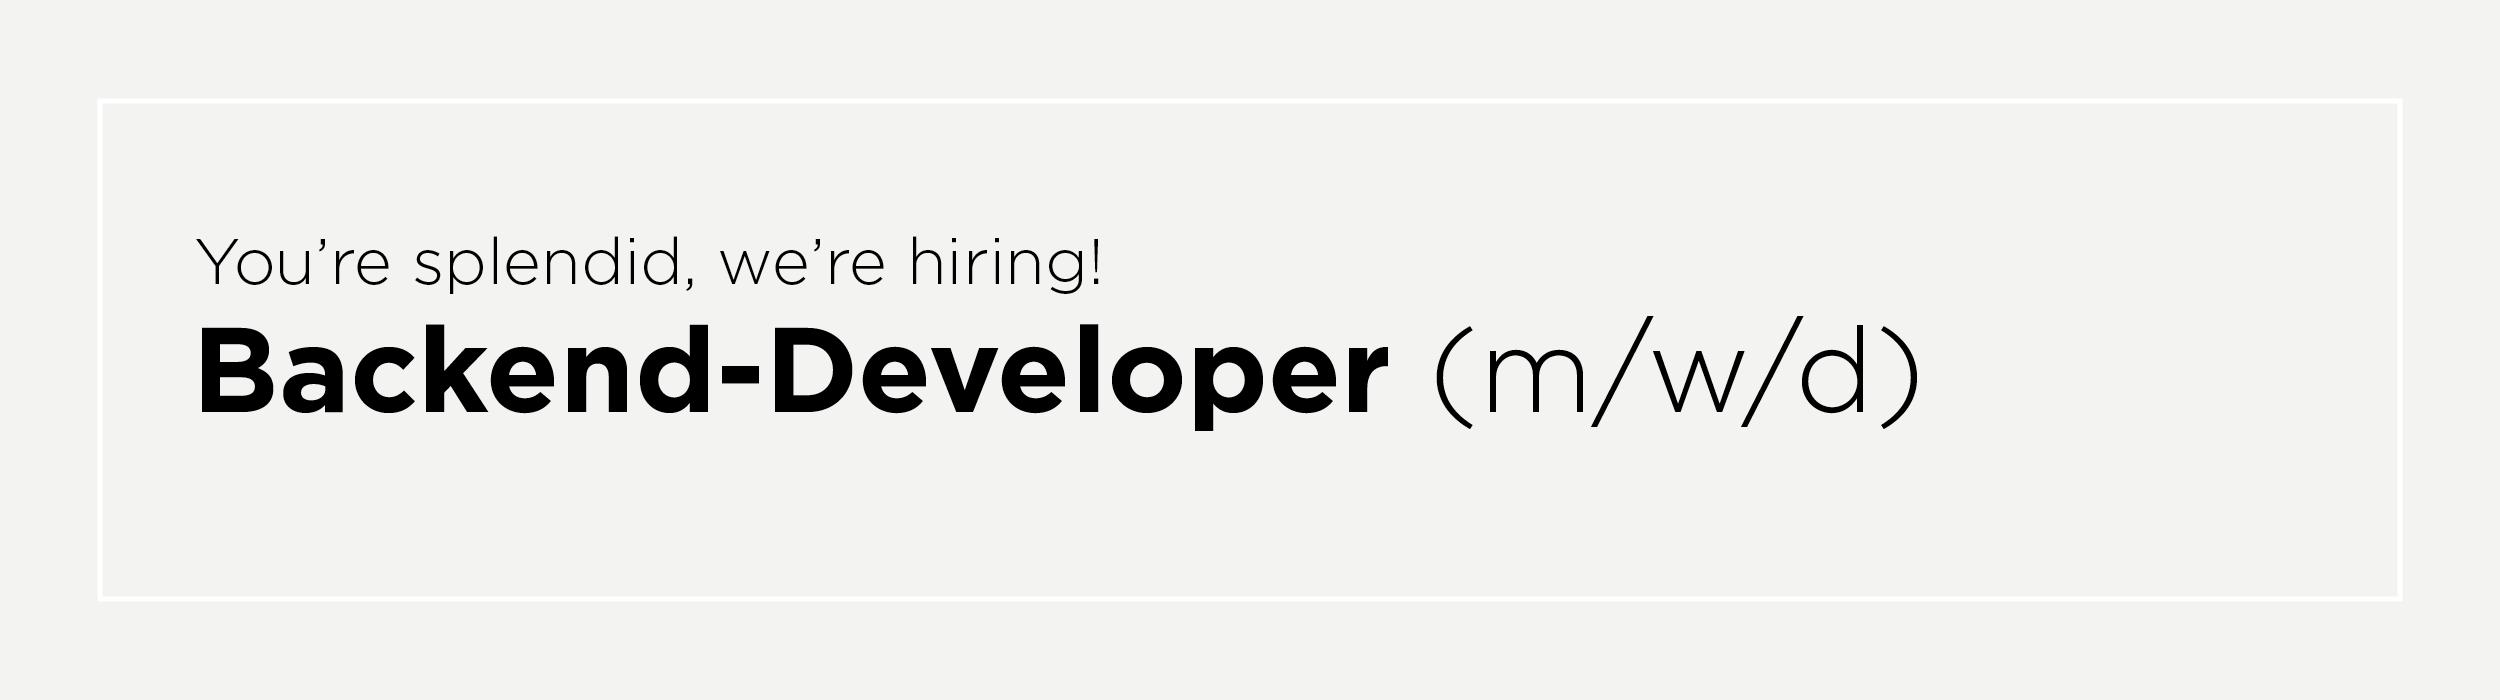 backend-developer (m/w/d)